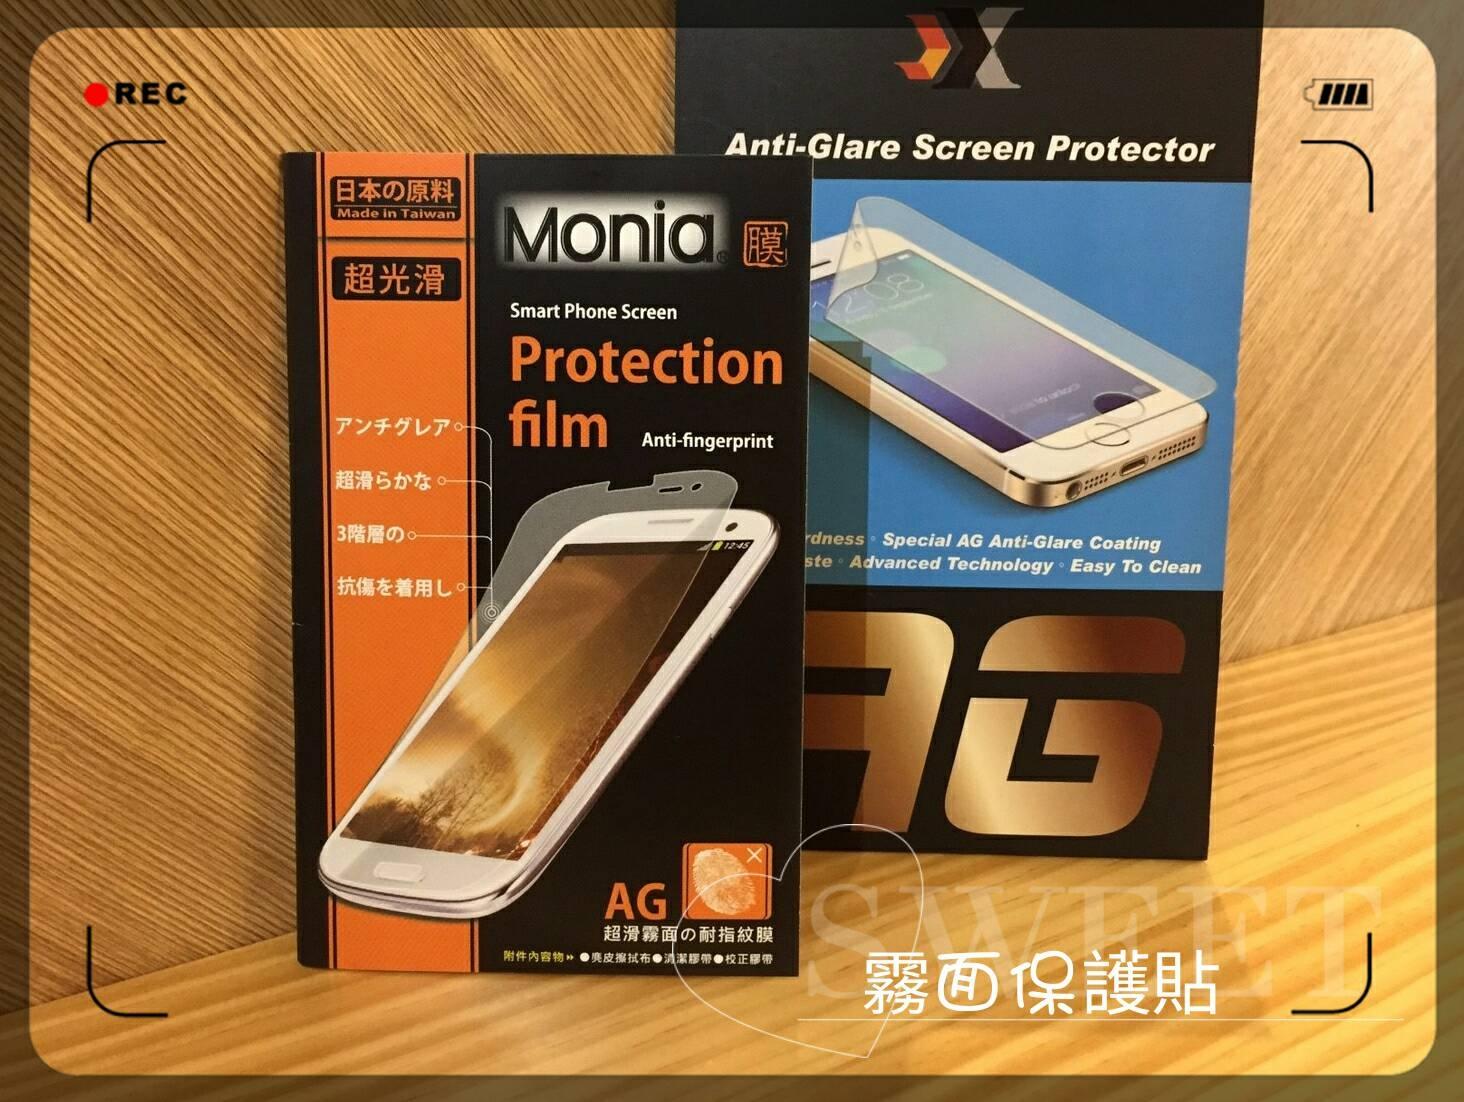 『霧面保護貼』LG G5 H860 5.3吋 手機螢幕保護貼 防指紋 保護貼 保護膜 螢幕貼 霧面貼